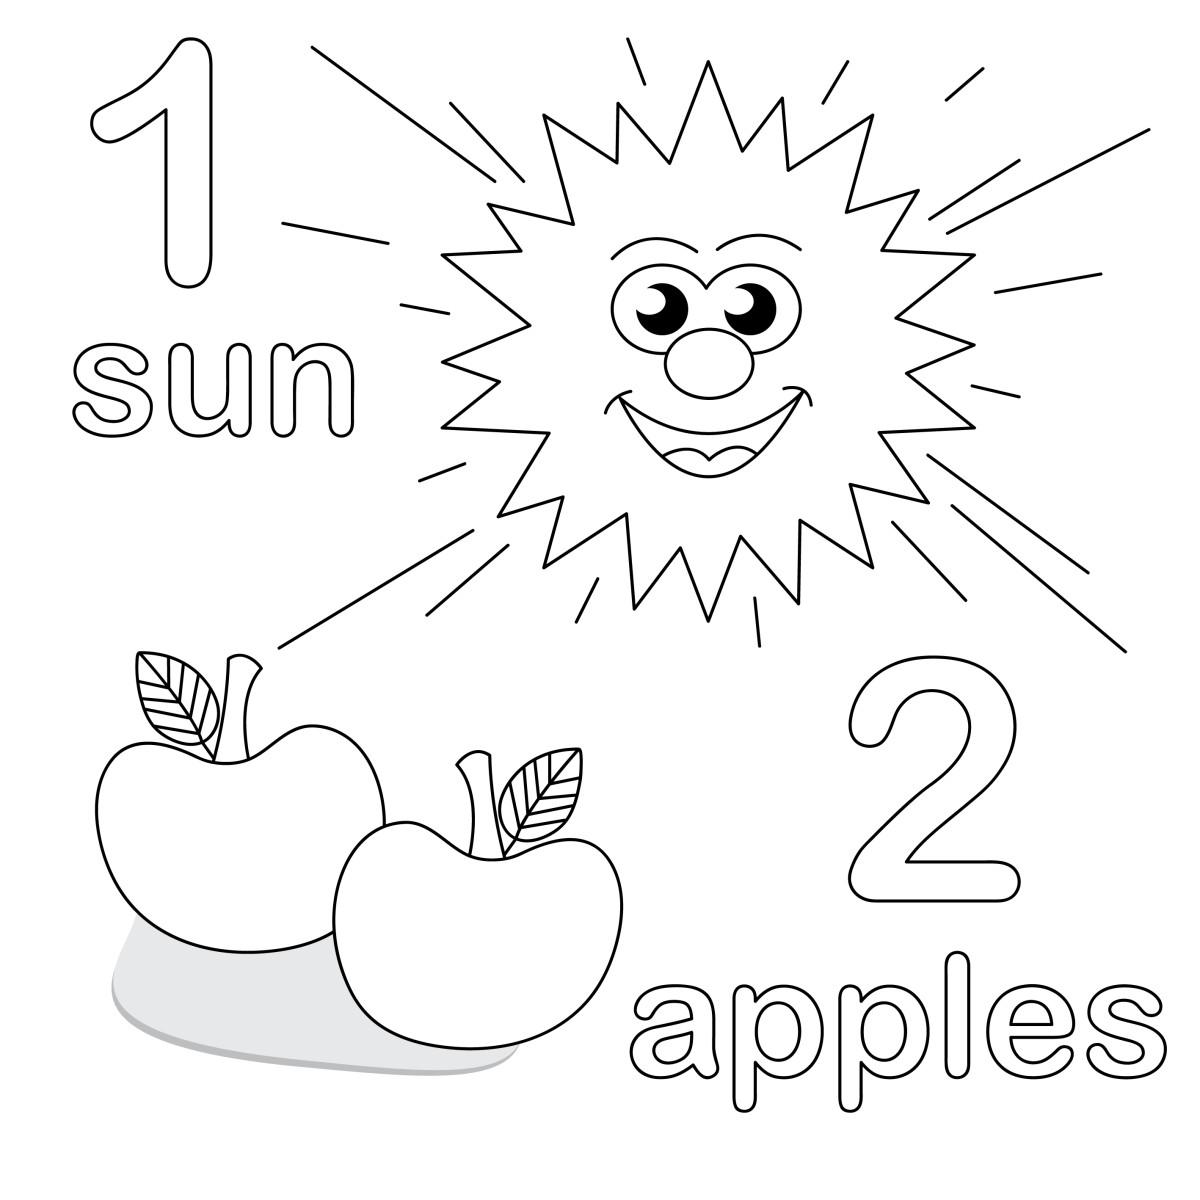 Учимся считать, цифры 1 и 2, солнце и яблоки по английски